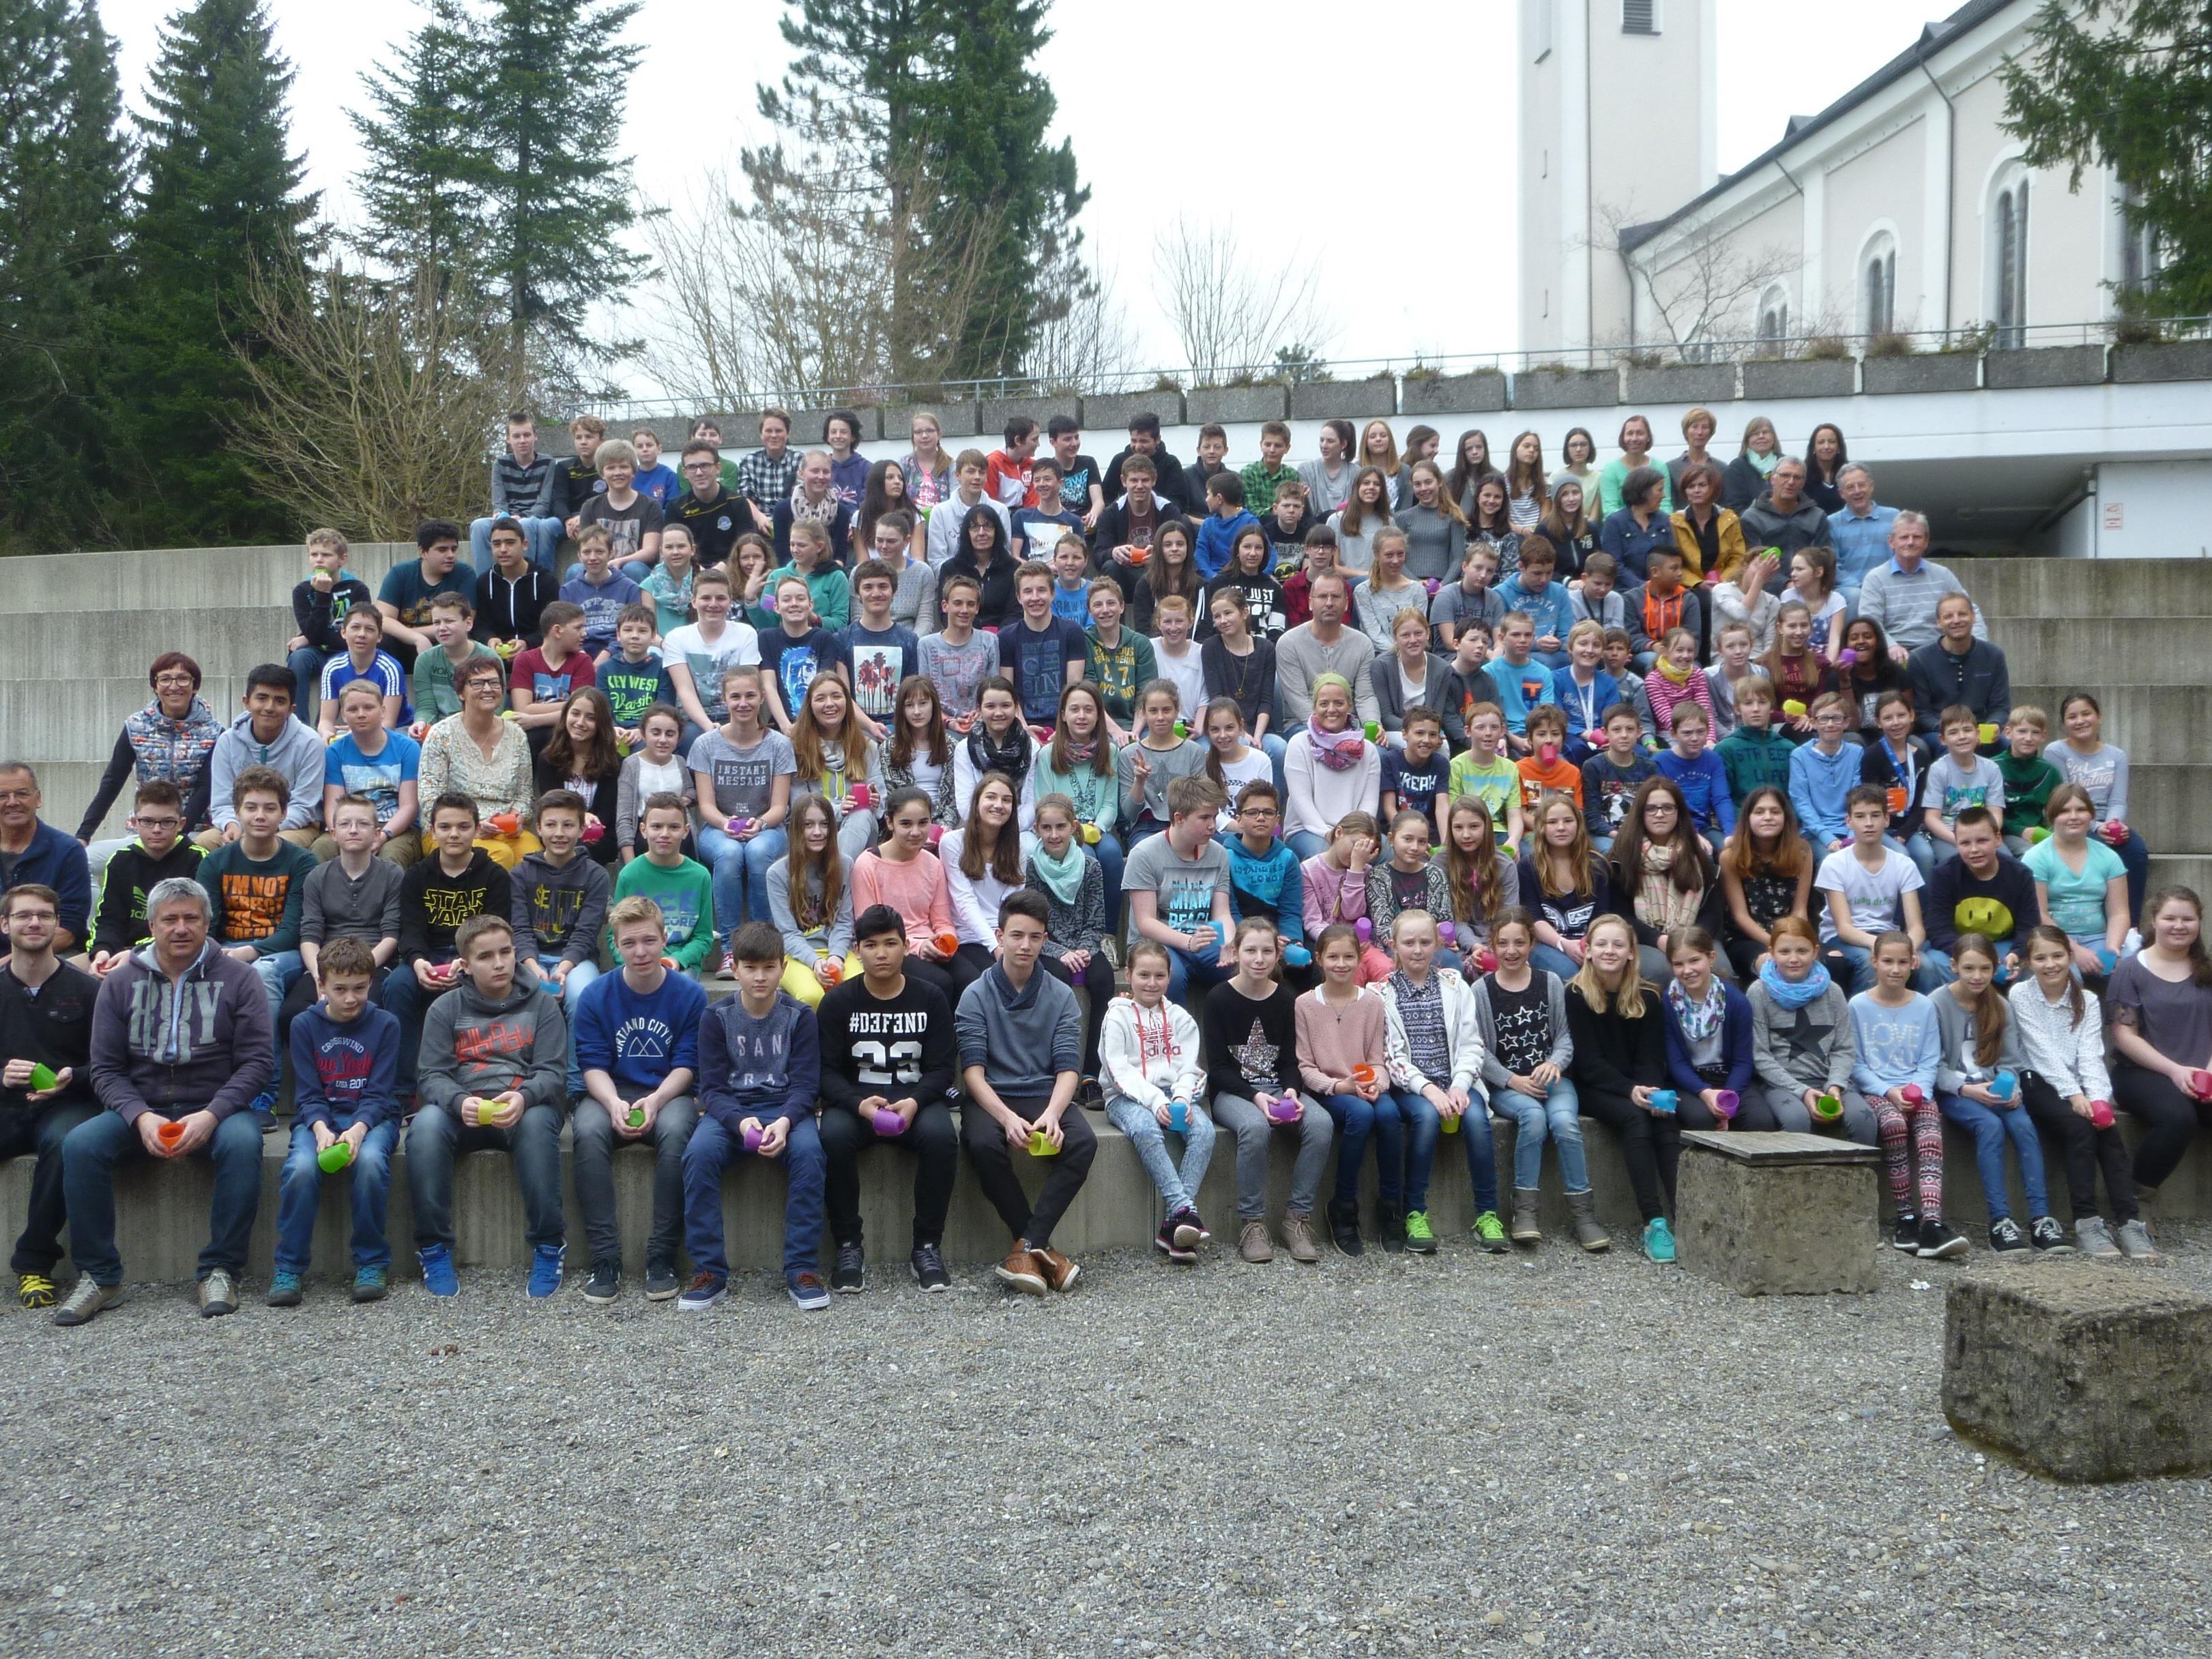 Schüler und Lehrer der Mittelschule Alberschwende freuen sich auf zahlreichen Besuch bei der Jubiläumsfeier.